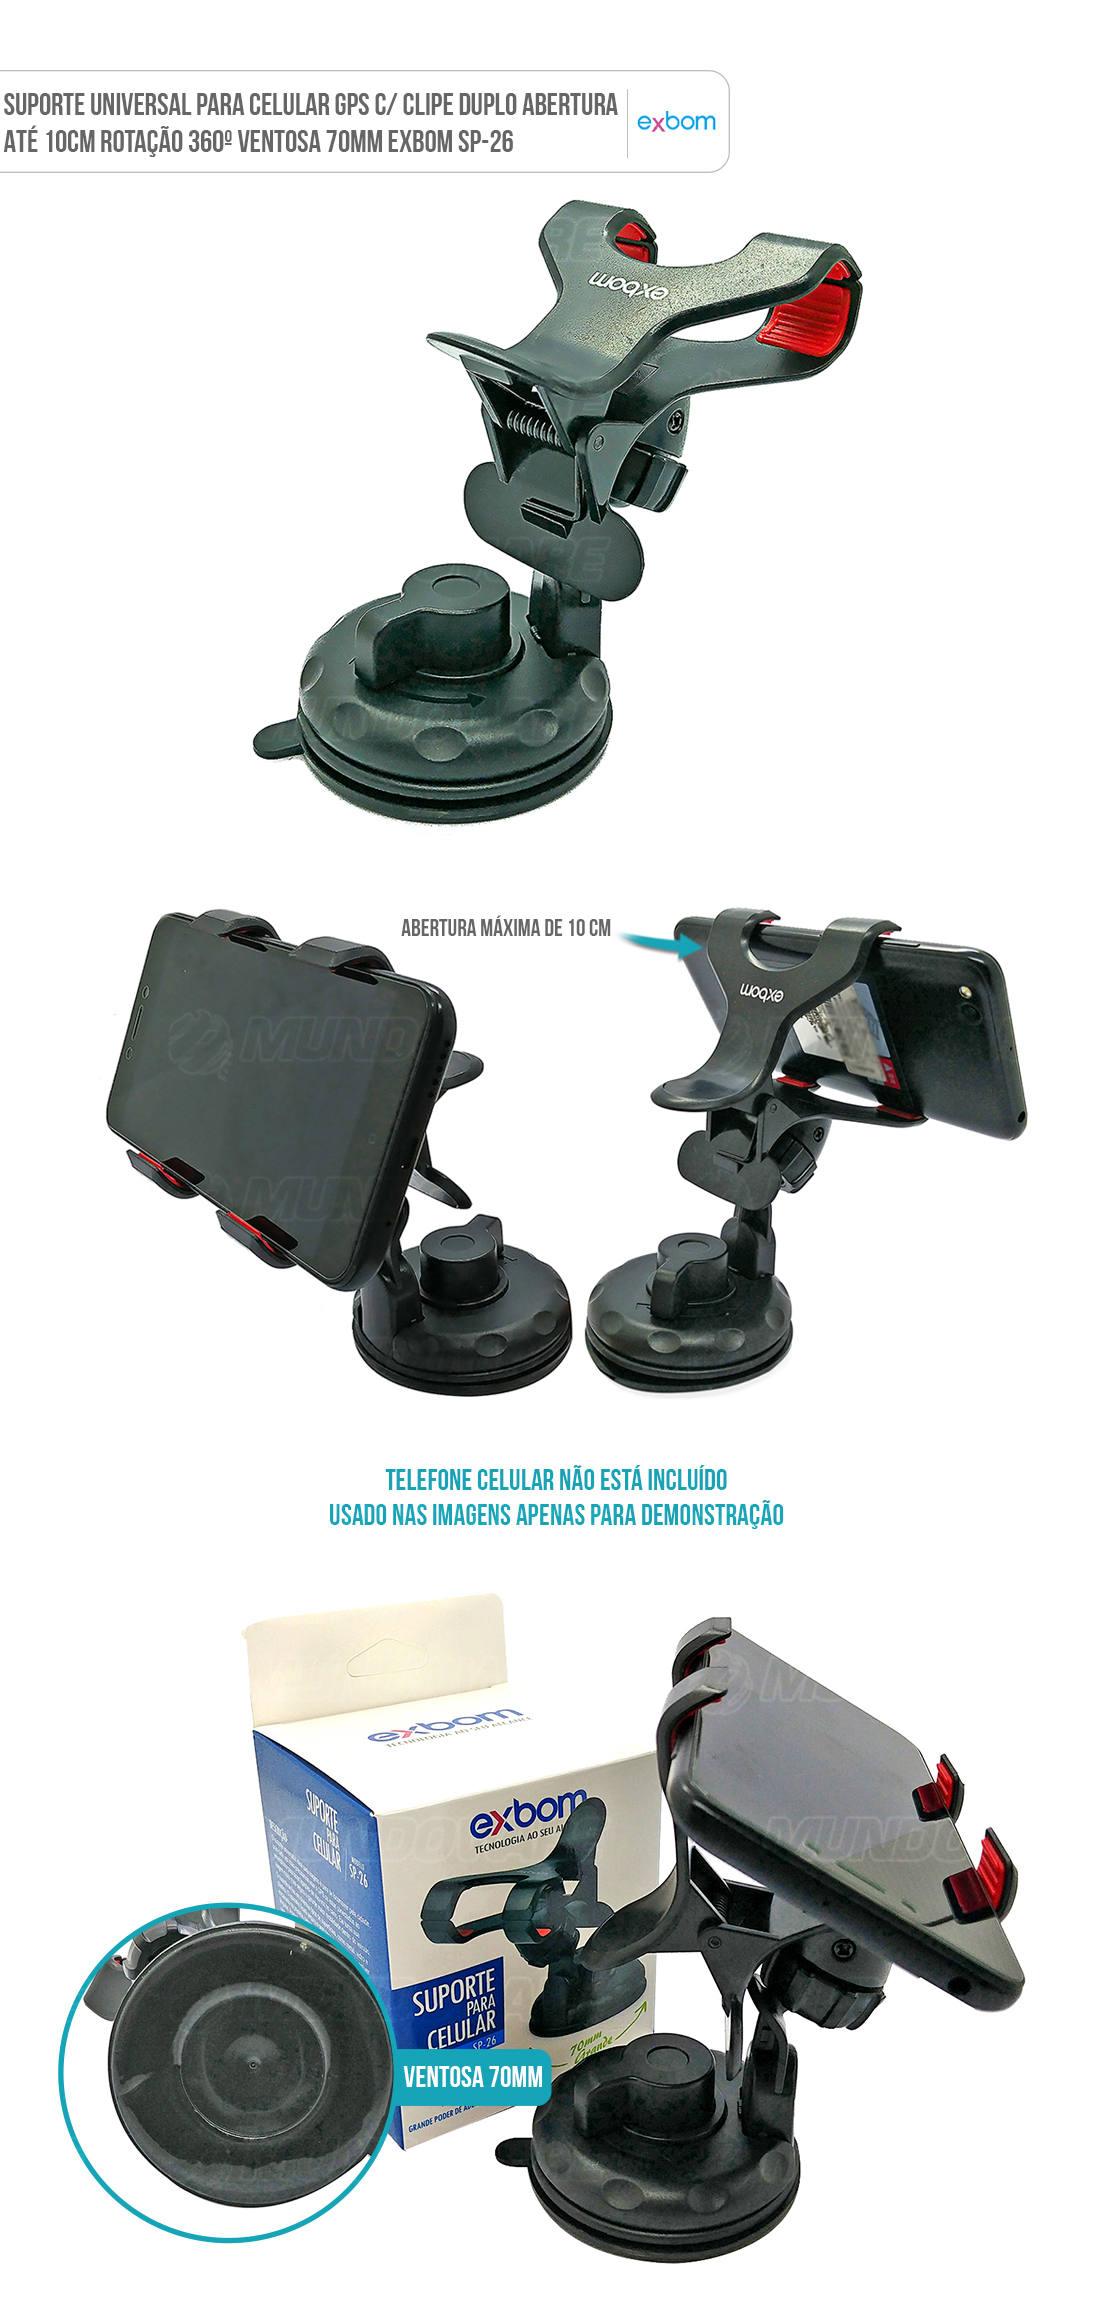 Suporte Universal para Celular GPS Clipe Duplo Abertura até 10cm Rotação 360 graus Ventosa 70mm de Sucção